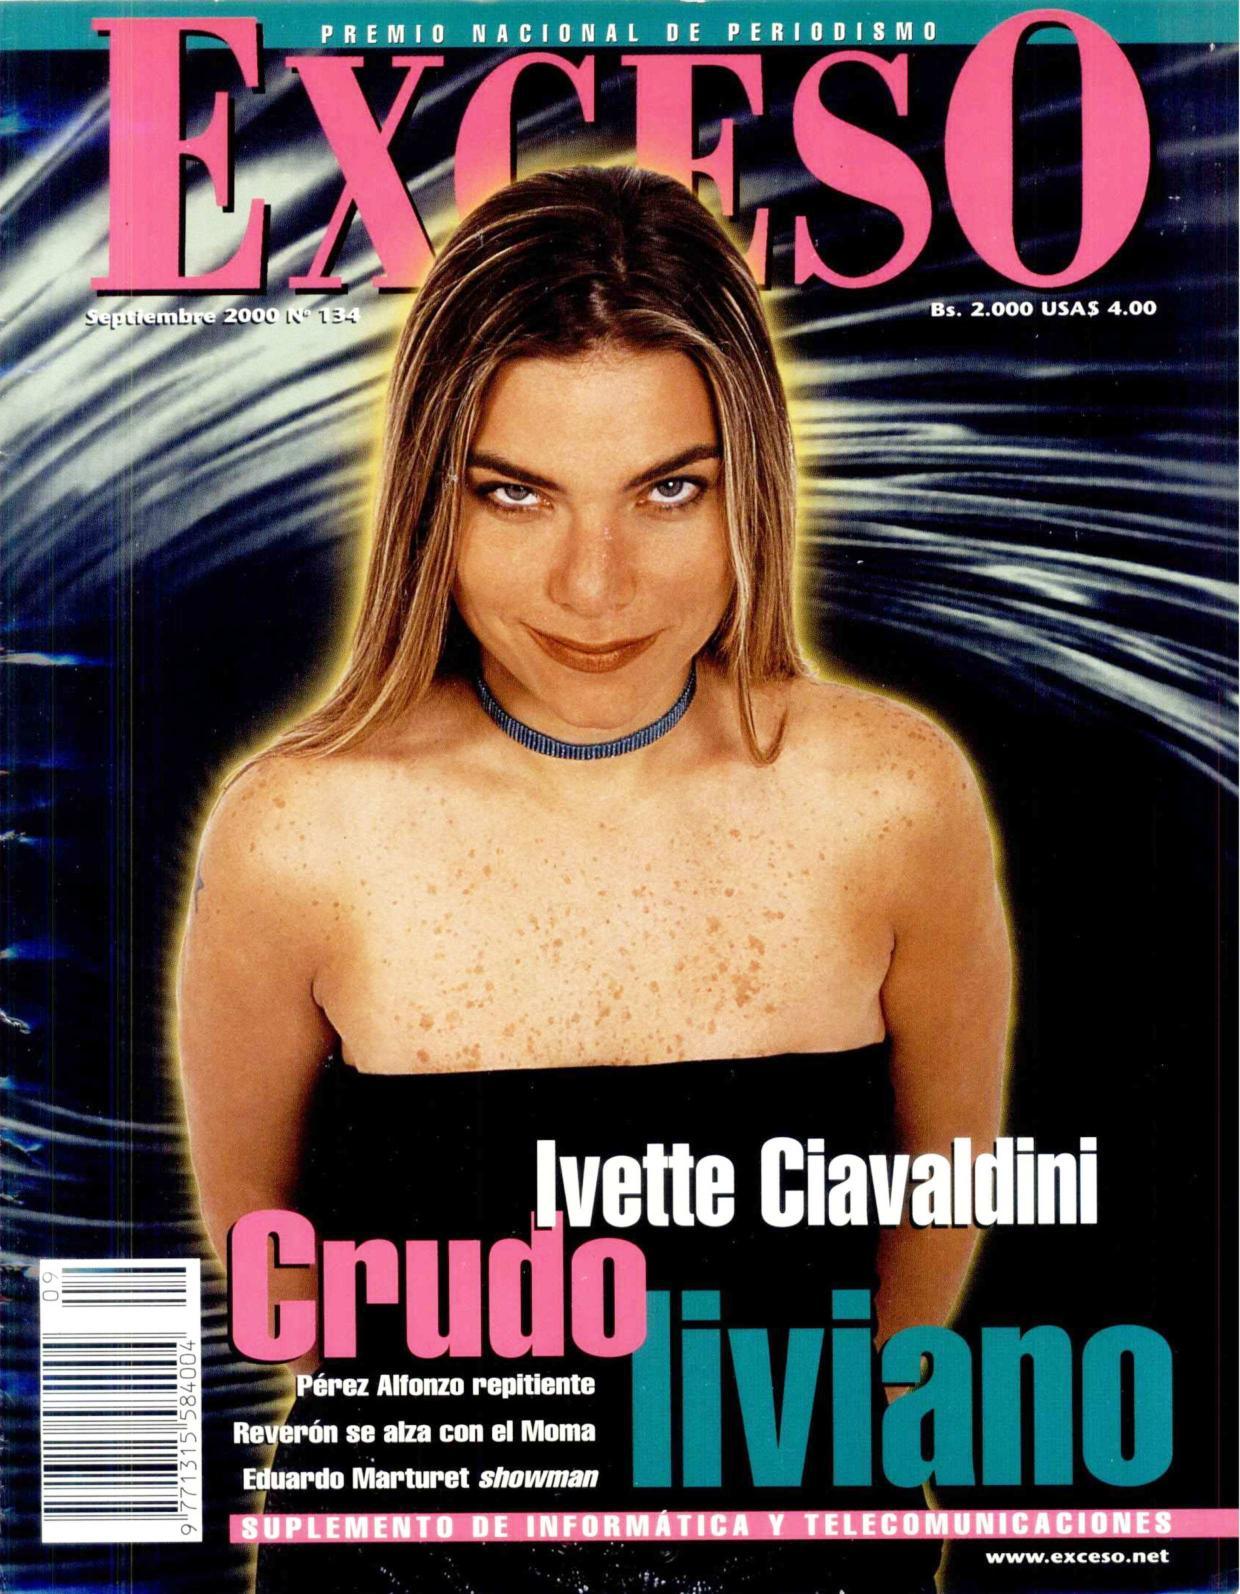 Actriz Porno Con Boina calaméo - revista exceso ediciÓn nº 134 septiembre 2000